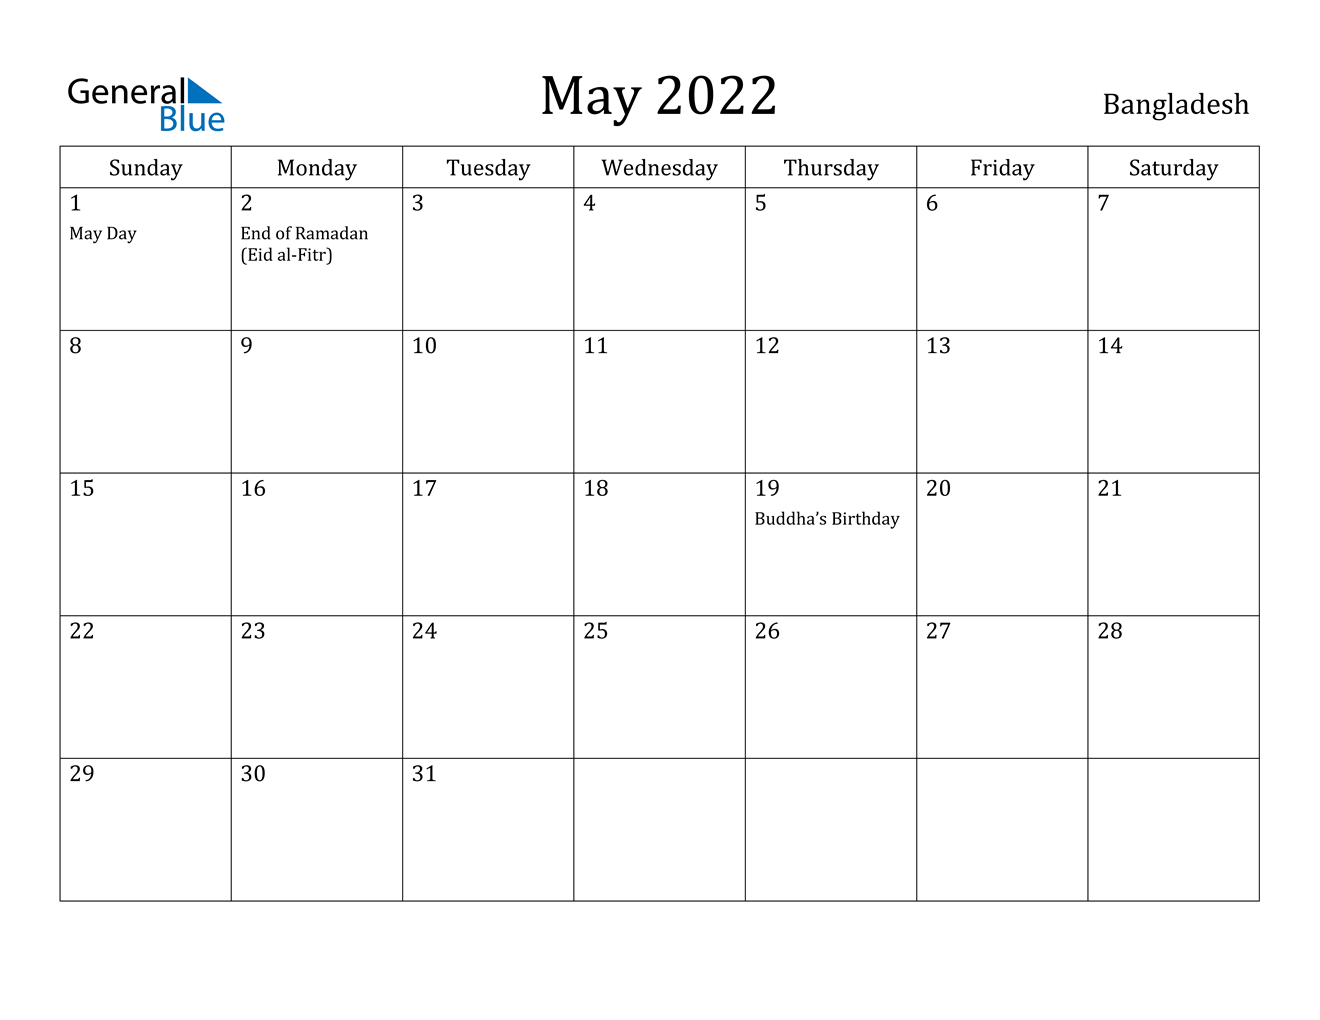 May 2022 Calendar - Bangladesh